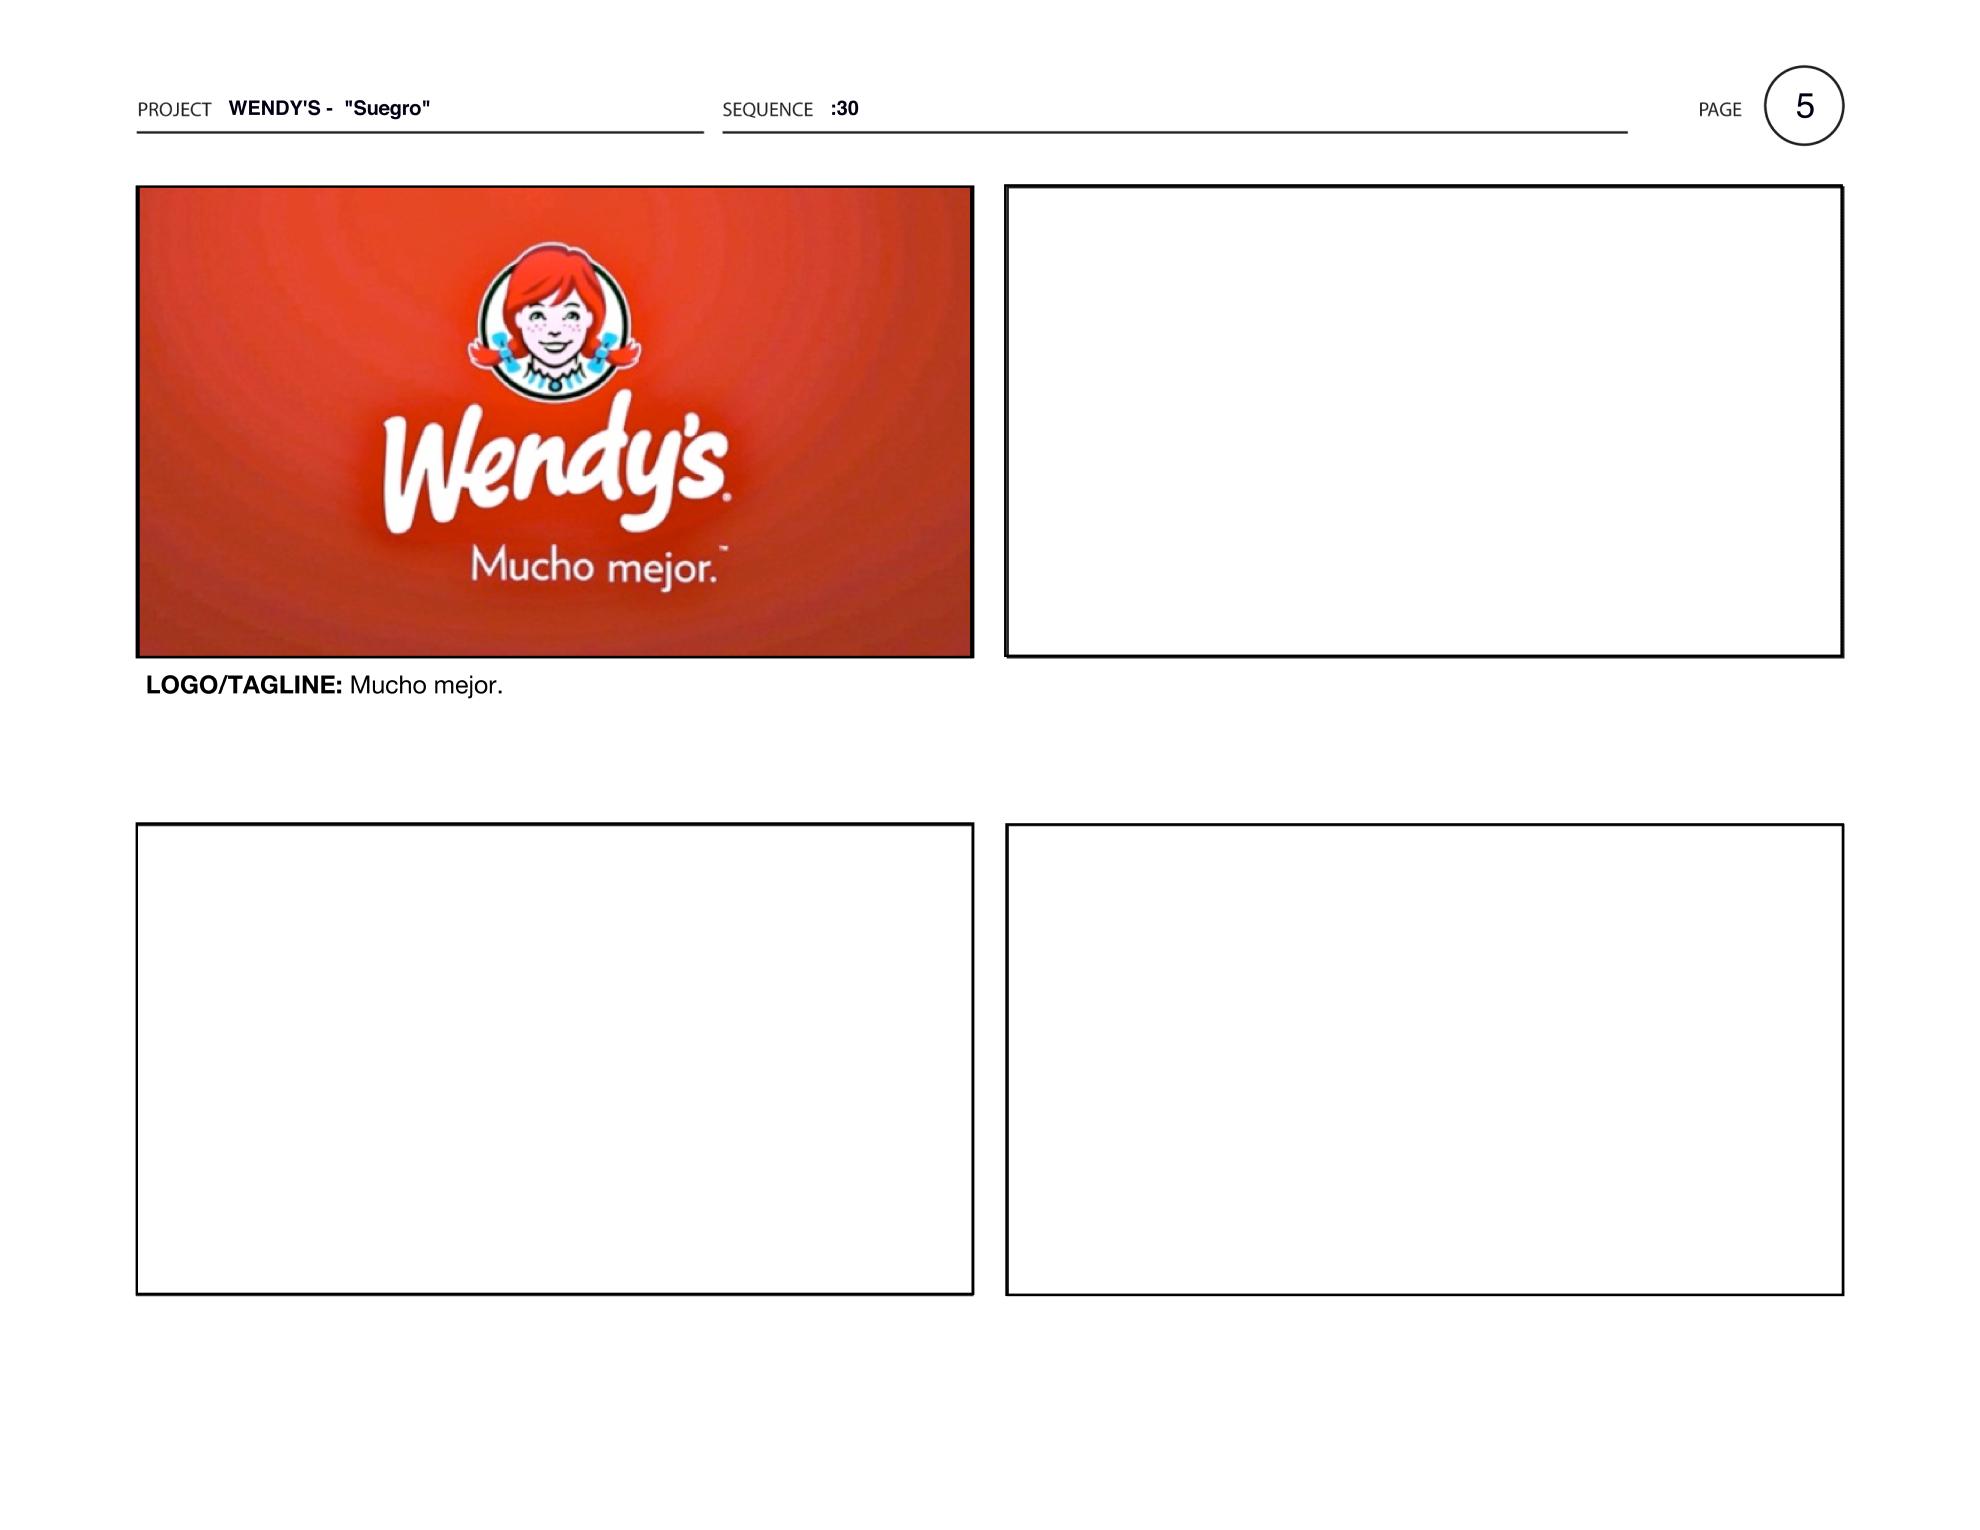 M2_Wendys_Suegro_Boards_005.jpg